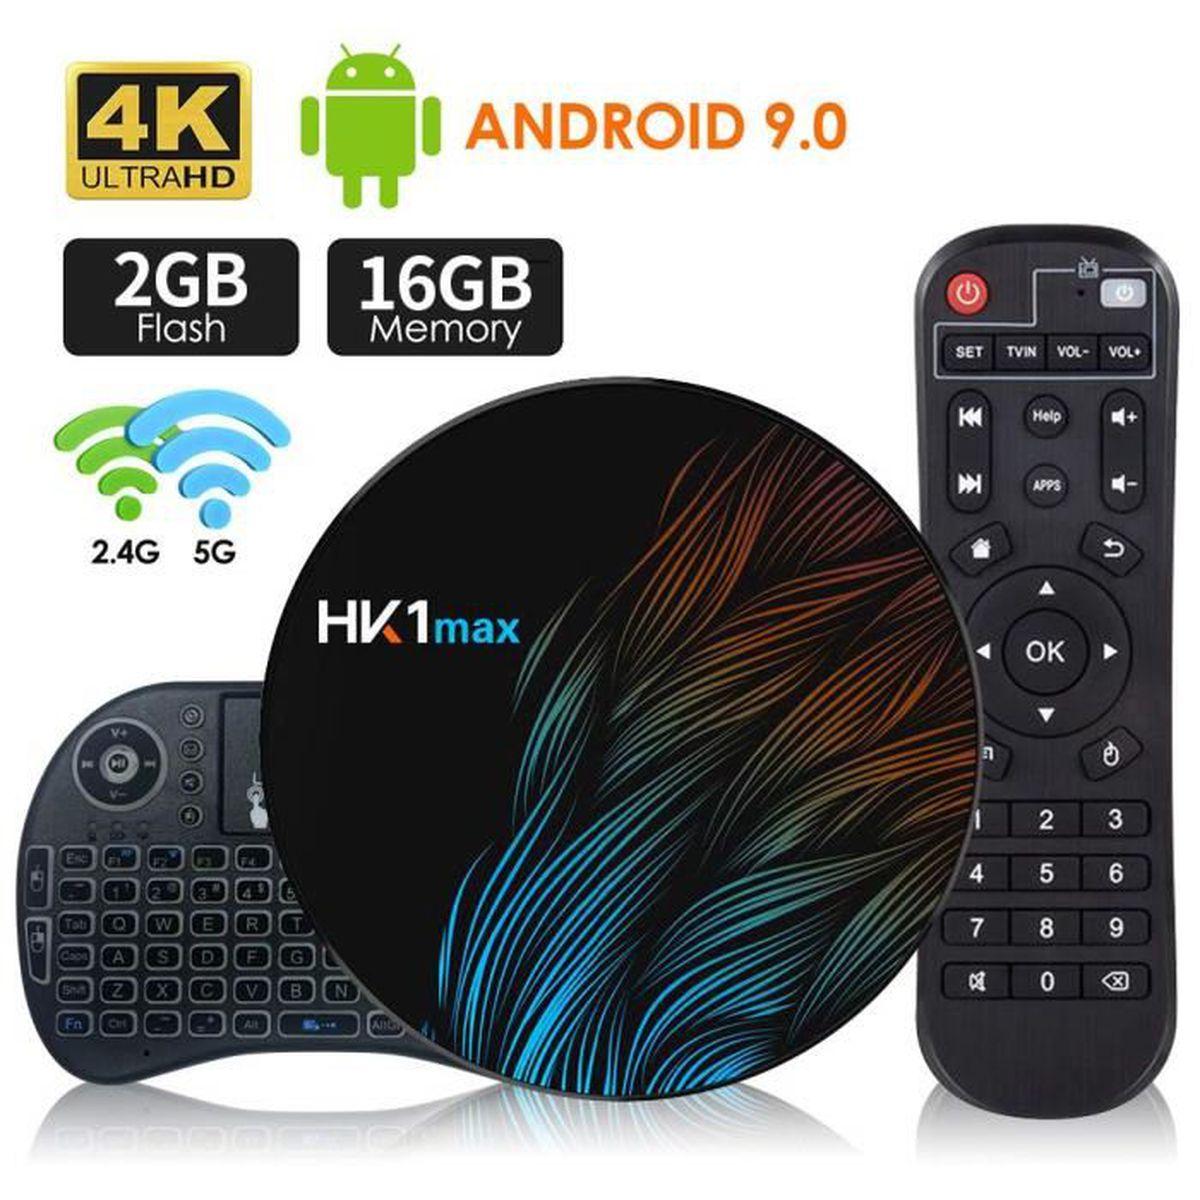 BOX MULTIMEDIA Android 9.0 Smart TV Box[2G + 16G] avec Mini-Clavi